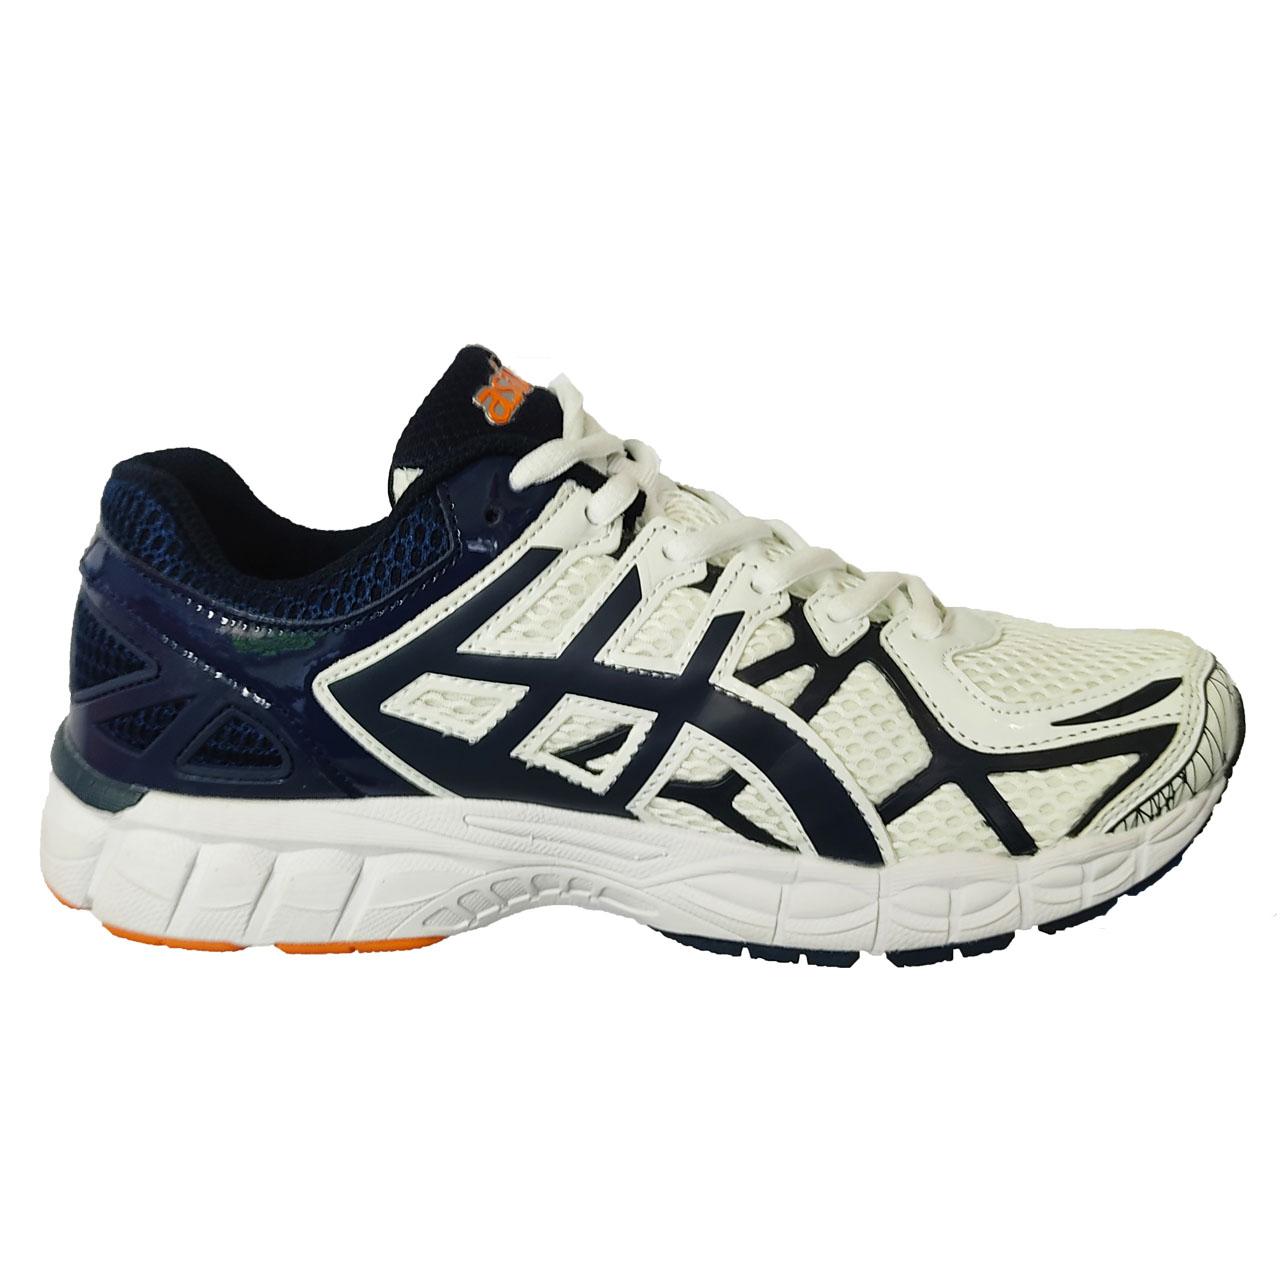 قیمت خرید کفش مخصوص پیاده روی مردانه مدل GEL KAYANO 21 اورجینال